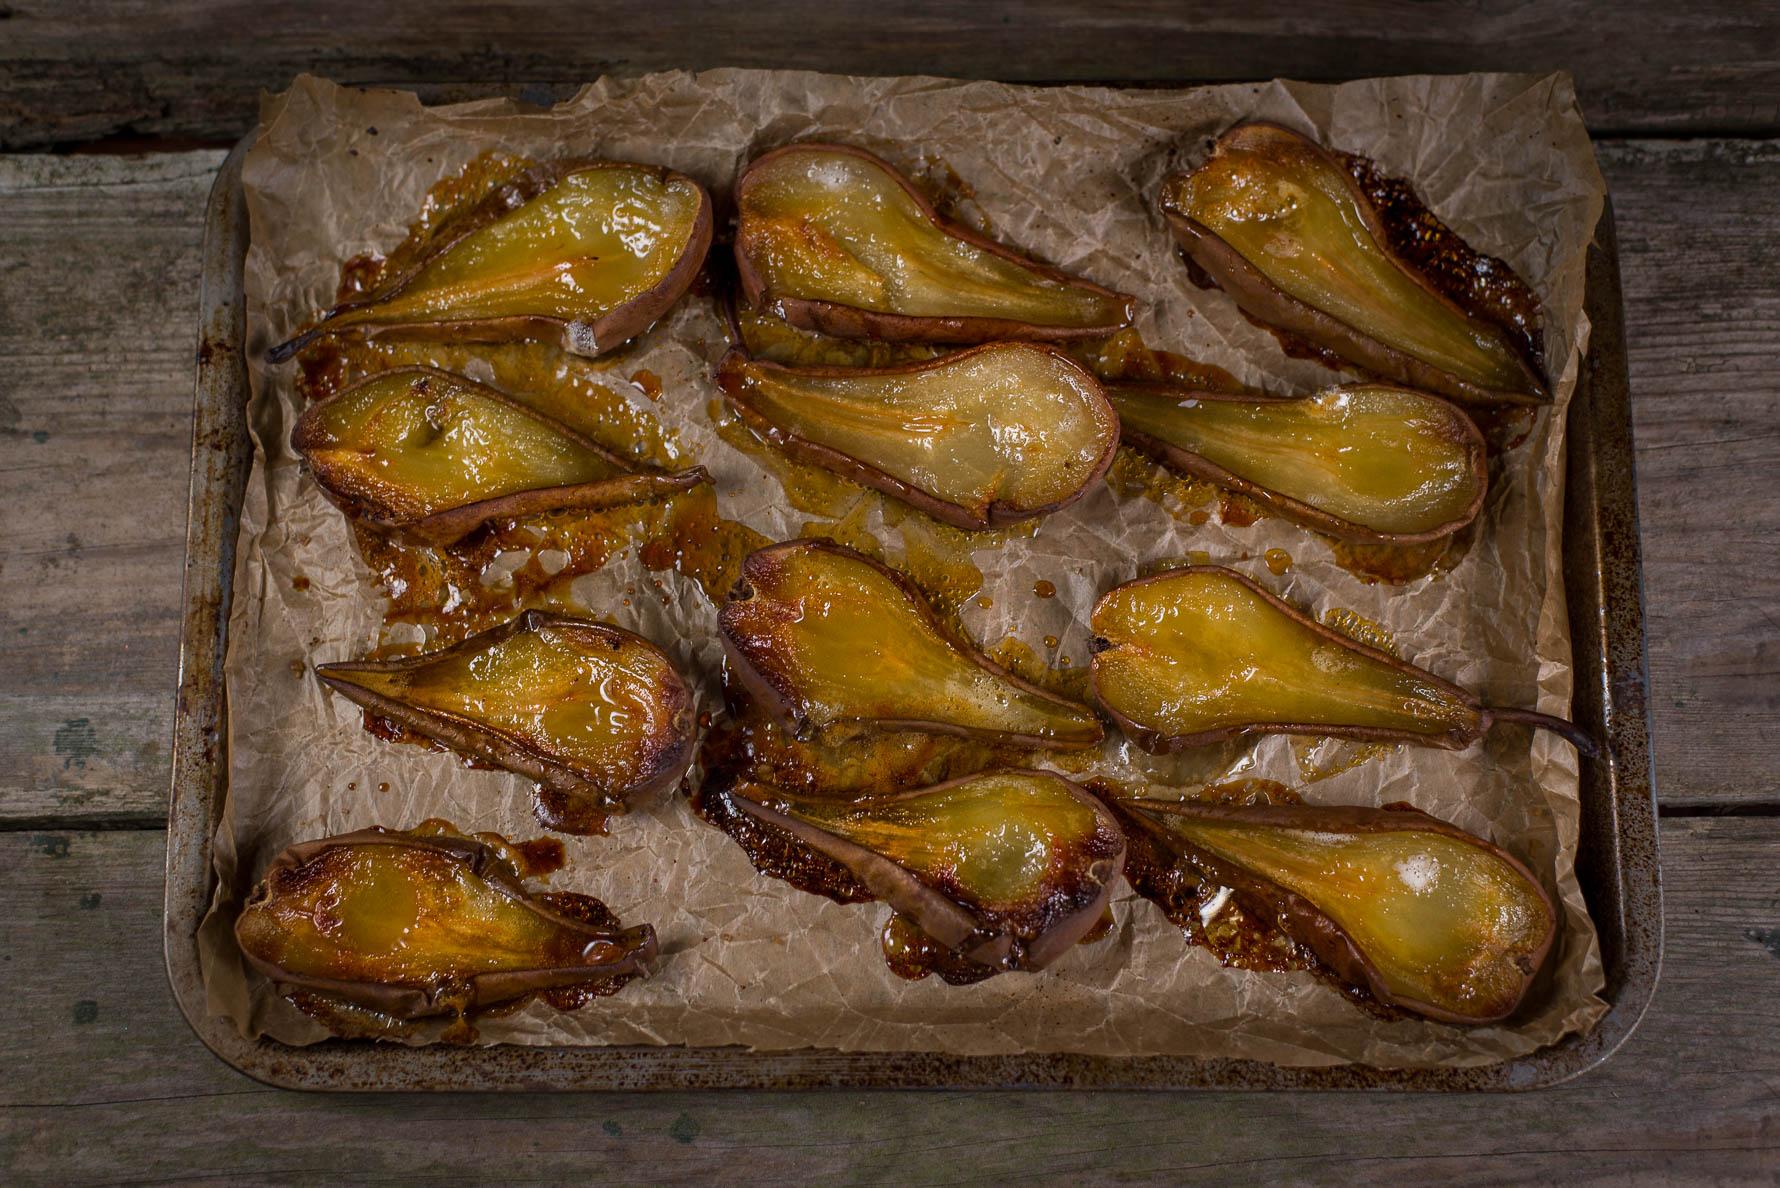 baked pears-1.jpg